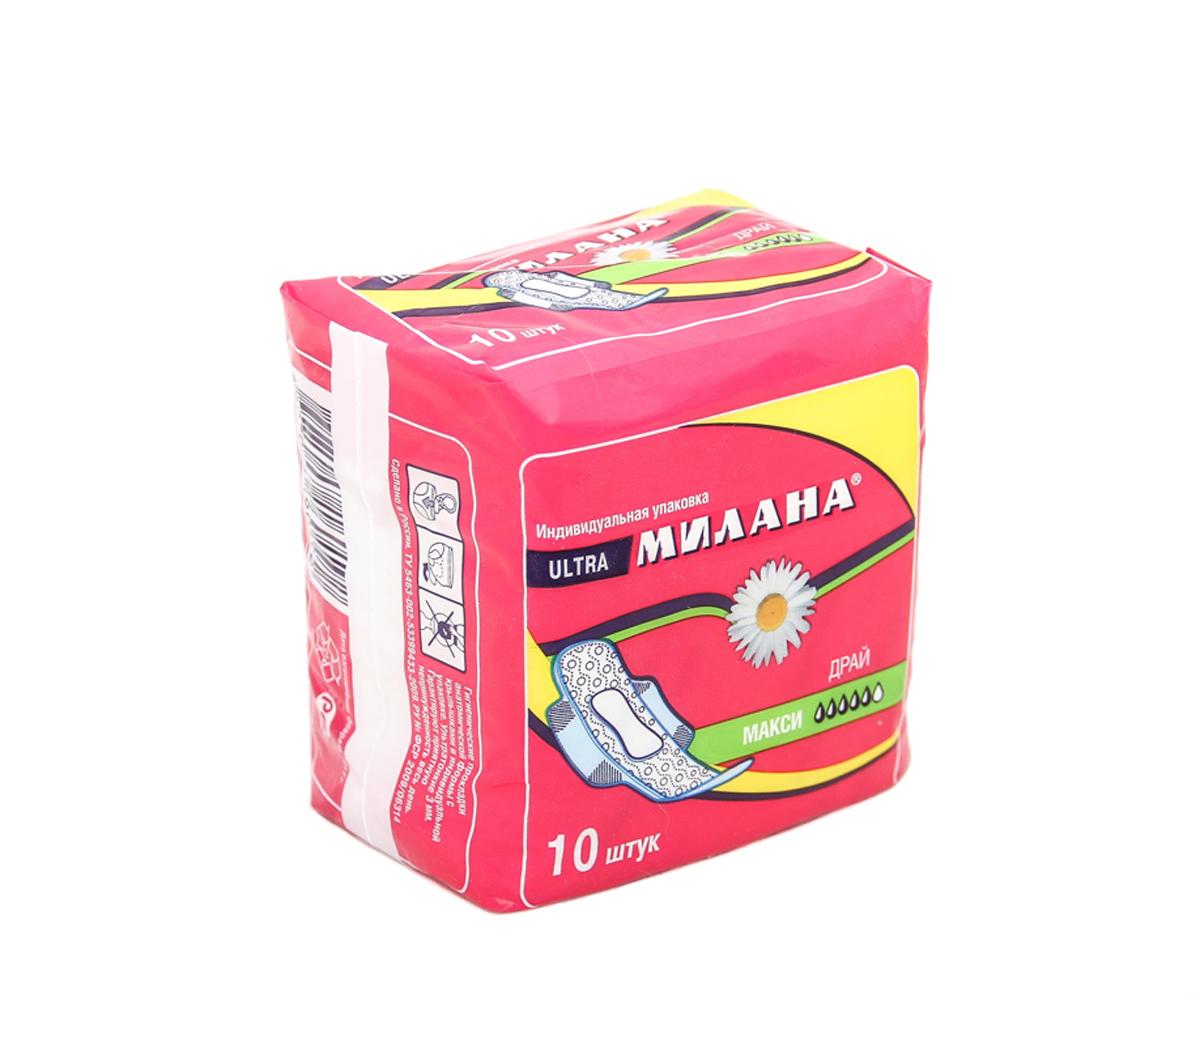 Милана Ультратонкие прокладки женские Ультра Макси Драй, 10 шт натали прокладки женские ультра плюс с крылышками софт 10 шт 1118594